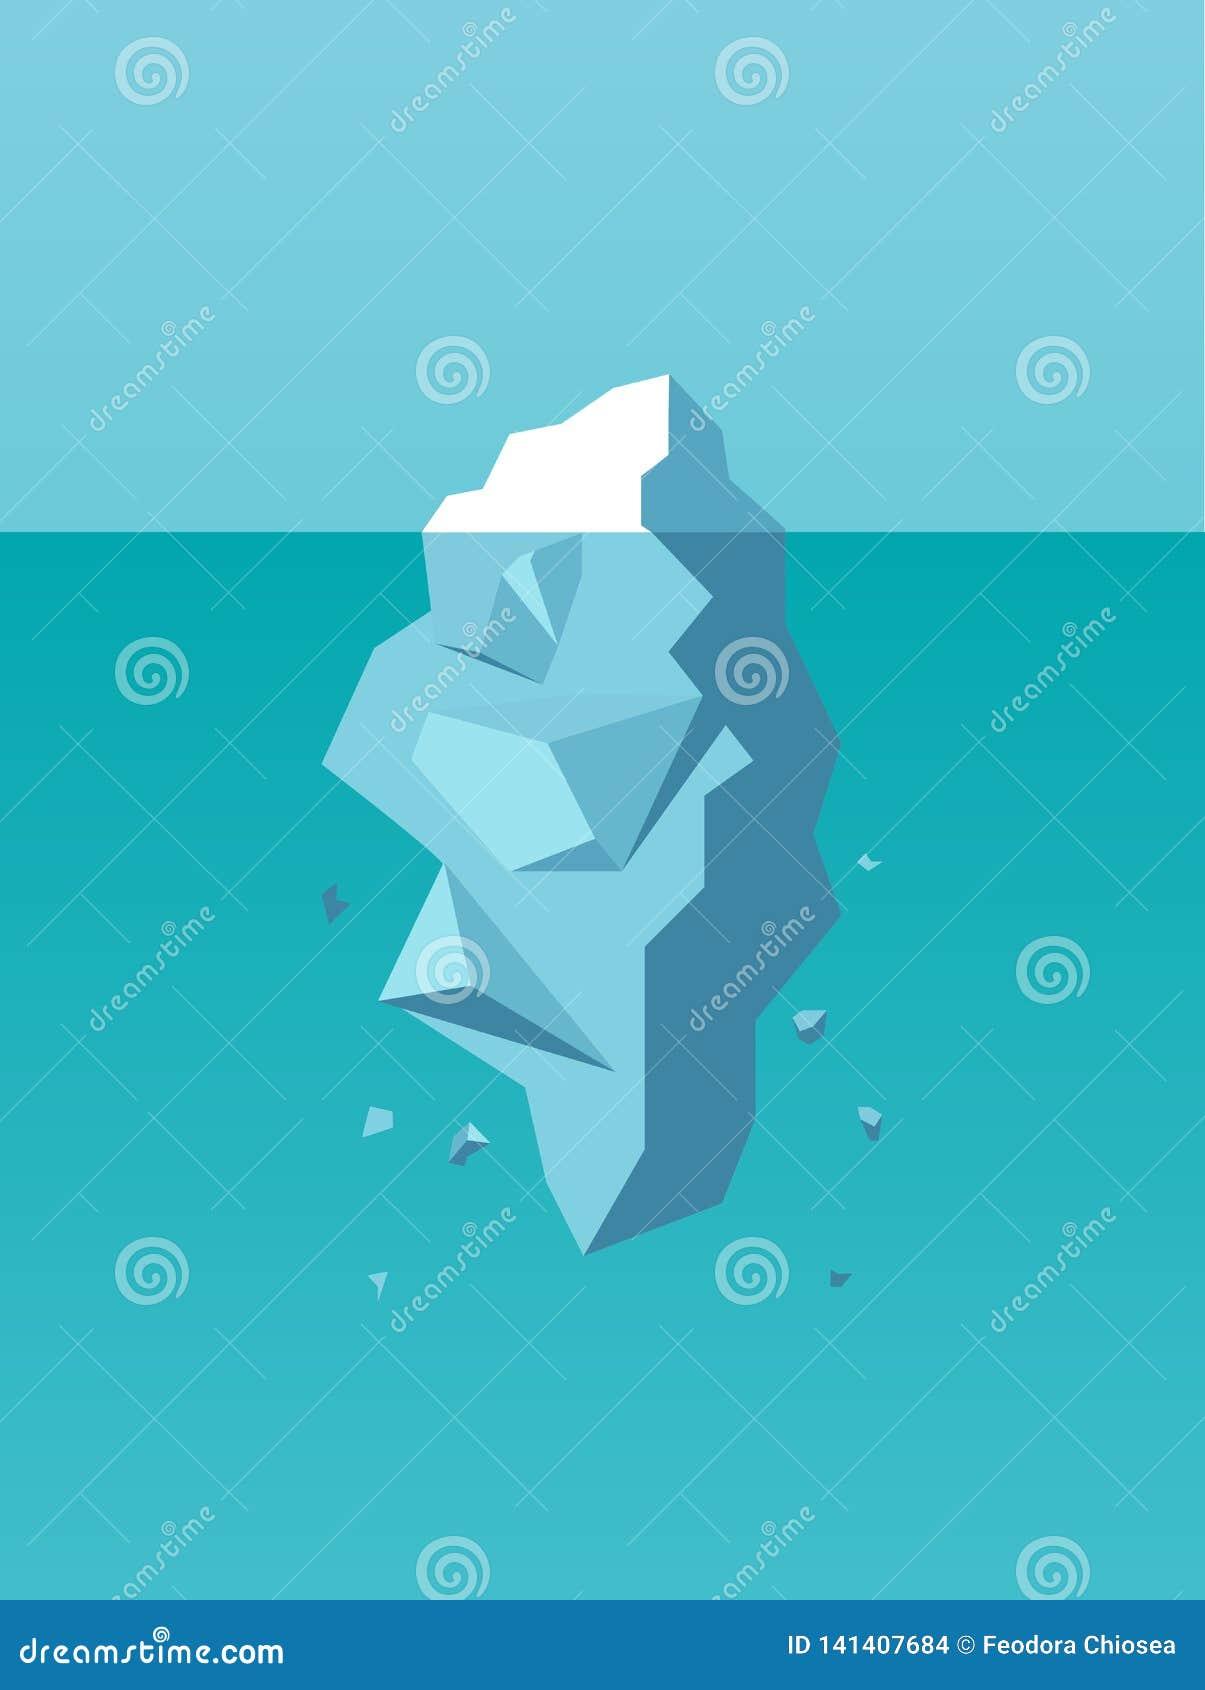 Vettore di un iceberg come simbolo del rischio d impresa, il pericolo, sfida